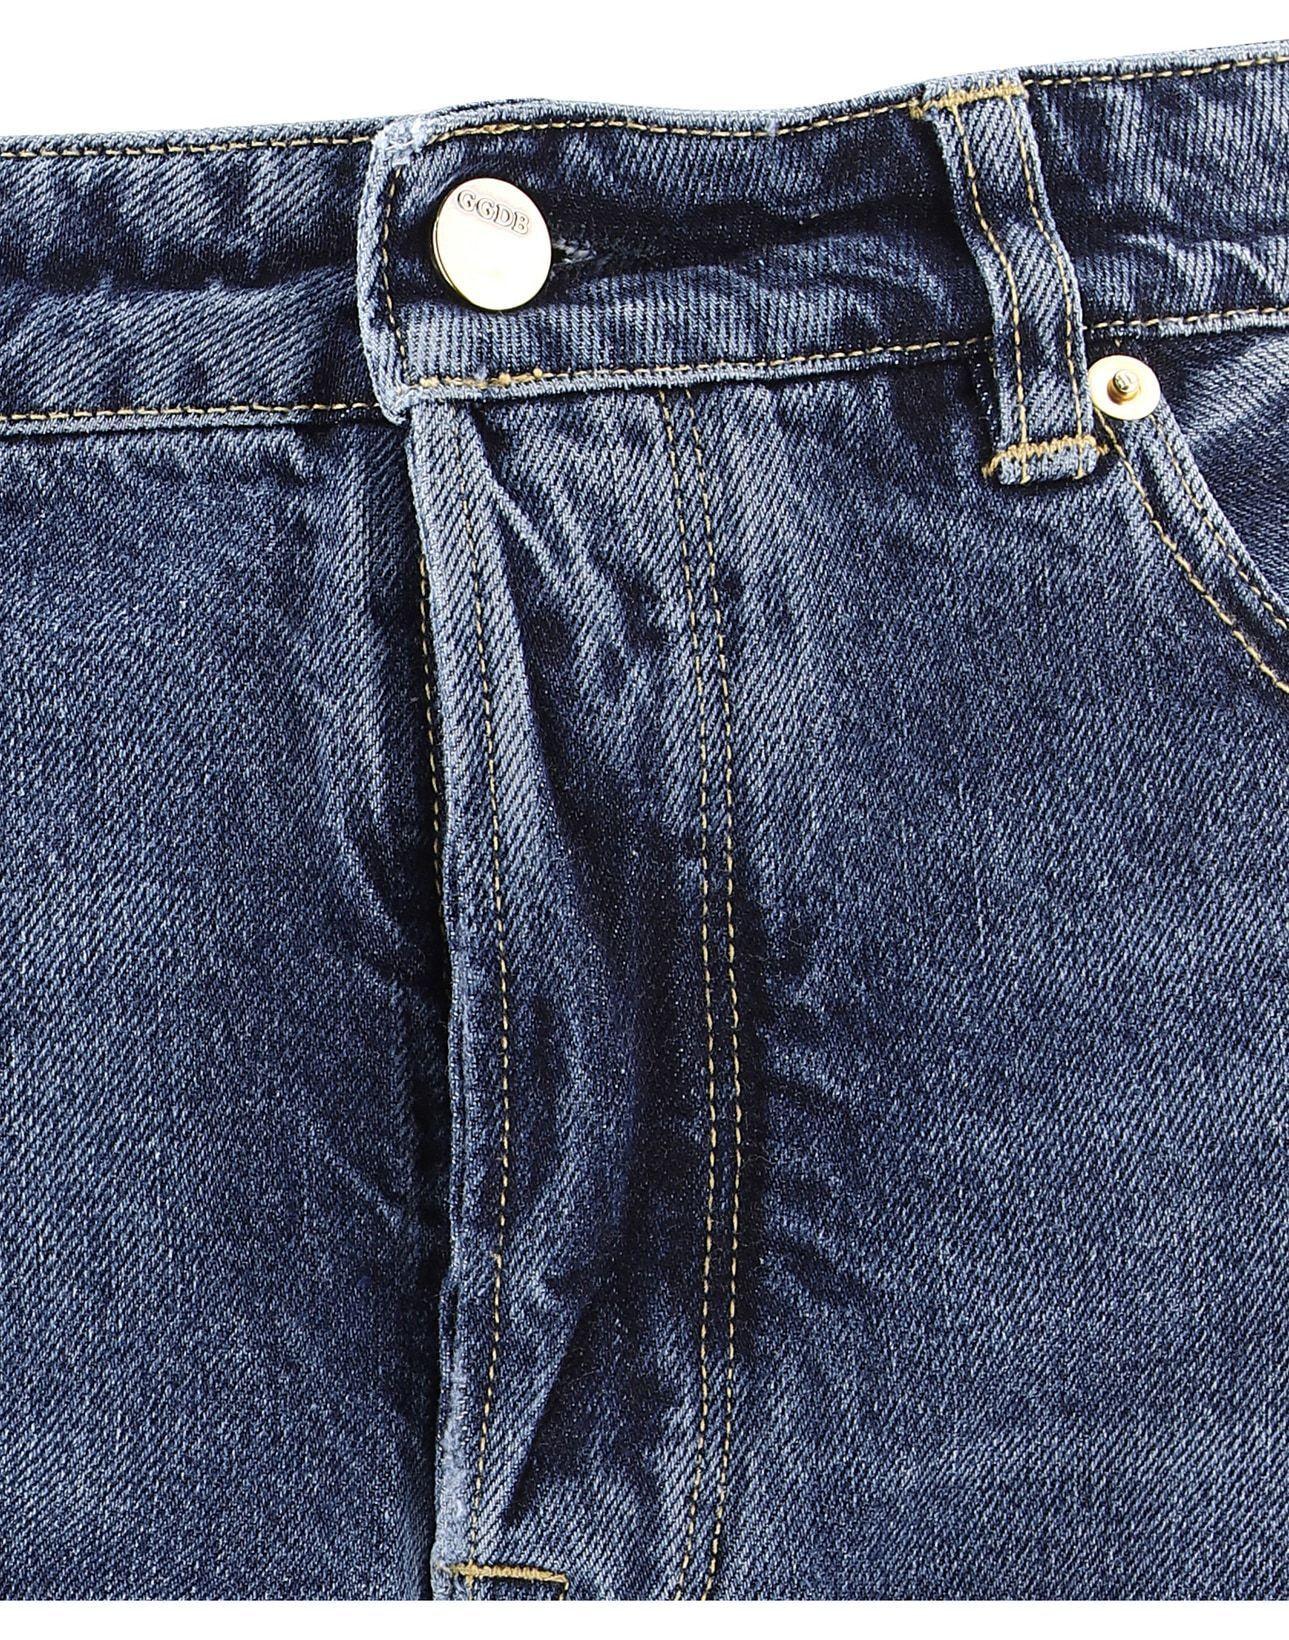 GOLDEN GOOSE MEN'S G34MP512B2 LIGHT BLUE COTTON PANTS